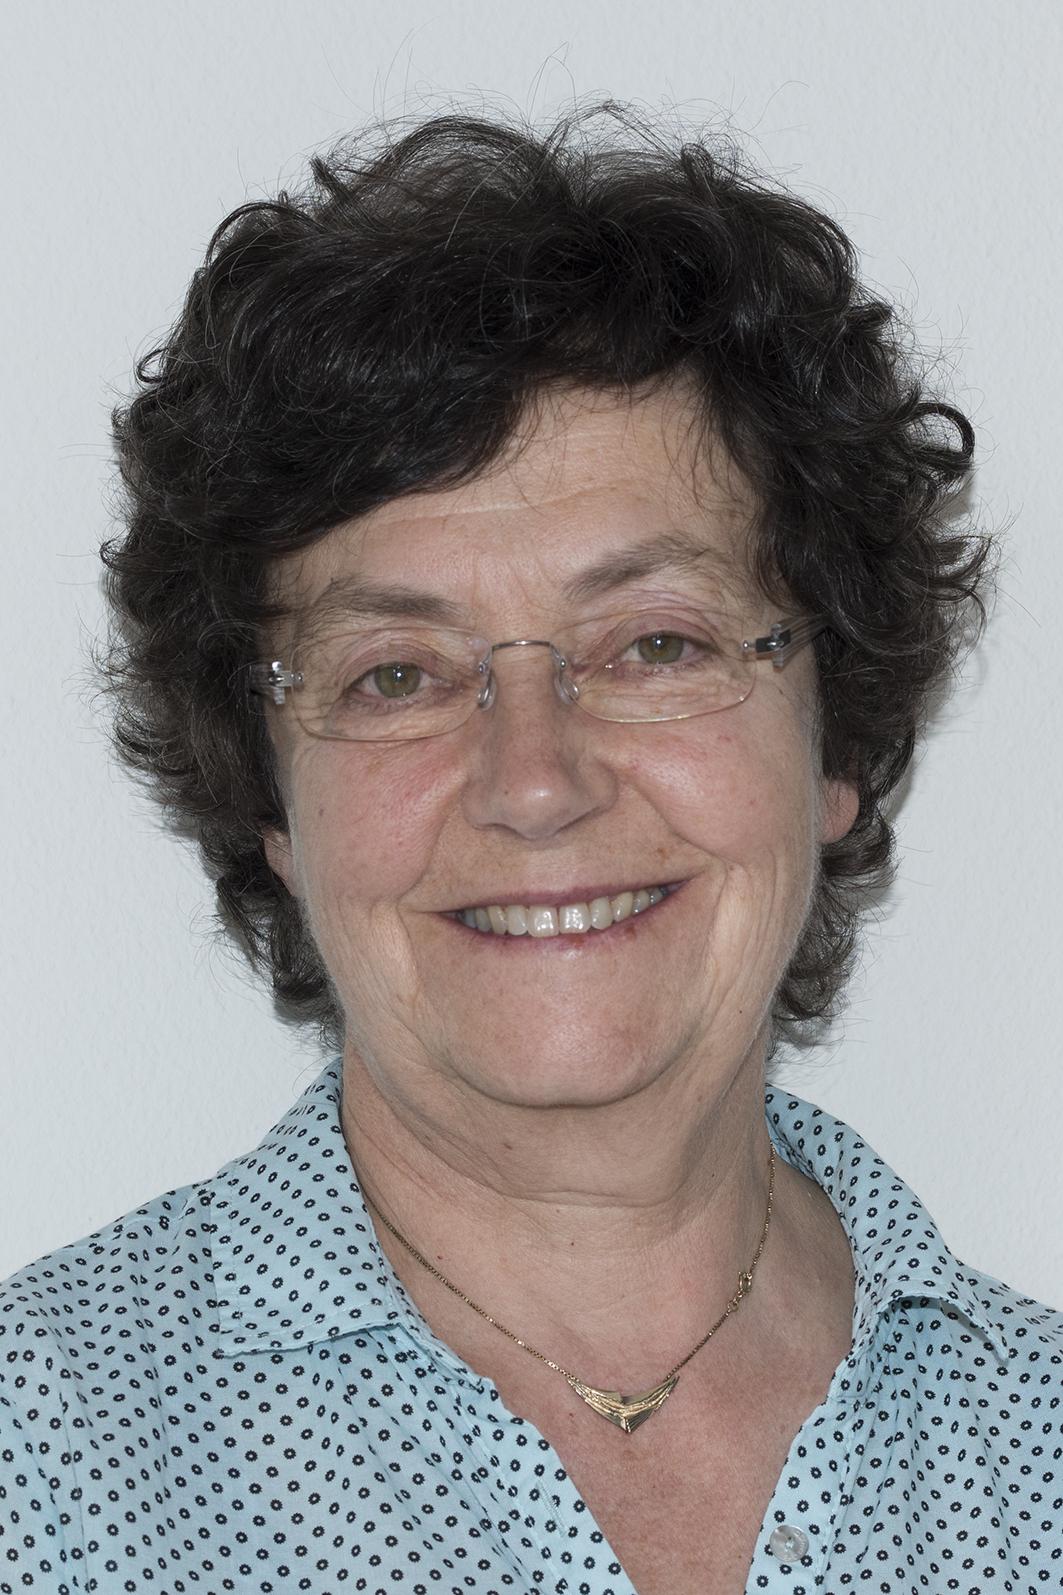 Françoise Alsaker ist emeritierte Professorin für Entwicklungspsychologie an der Universität Bern. Sie hat unter anderem zu Mobbing in Kindergarten und Schule geforscht.